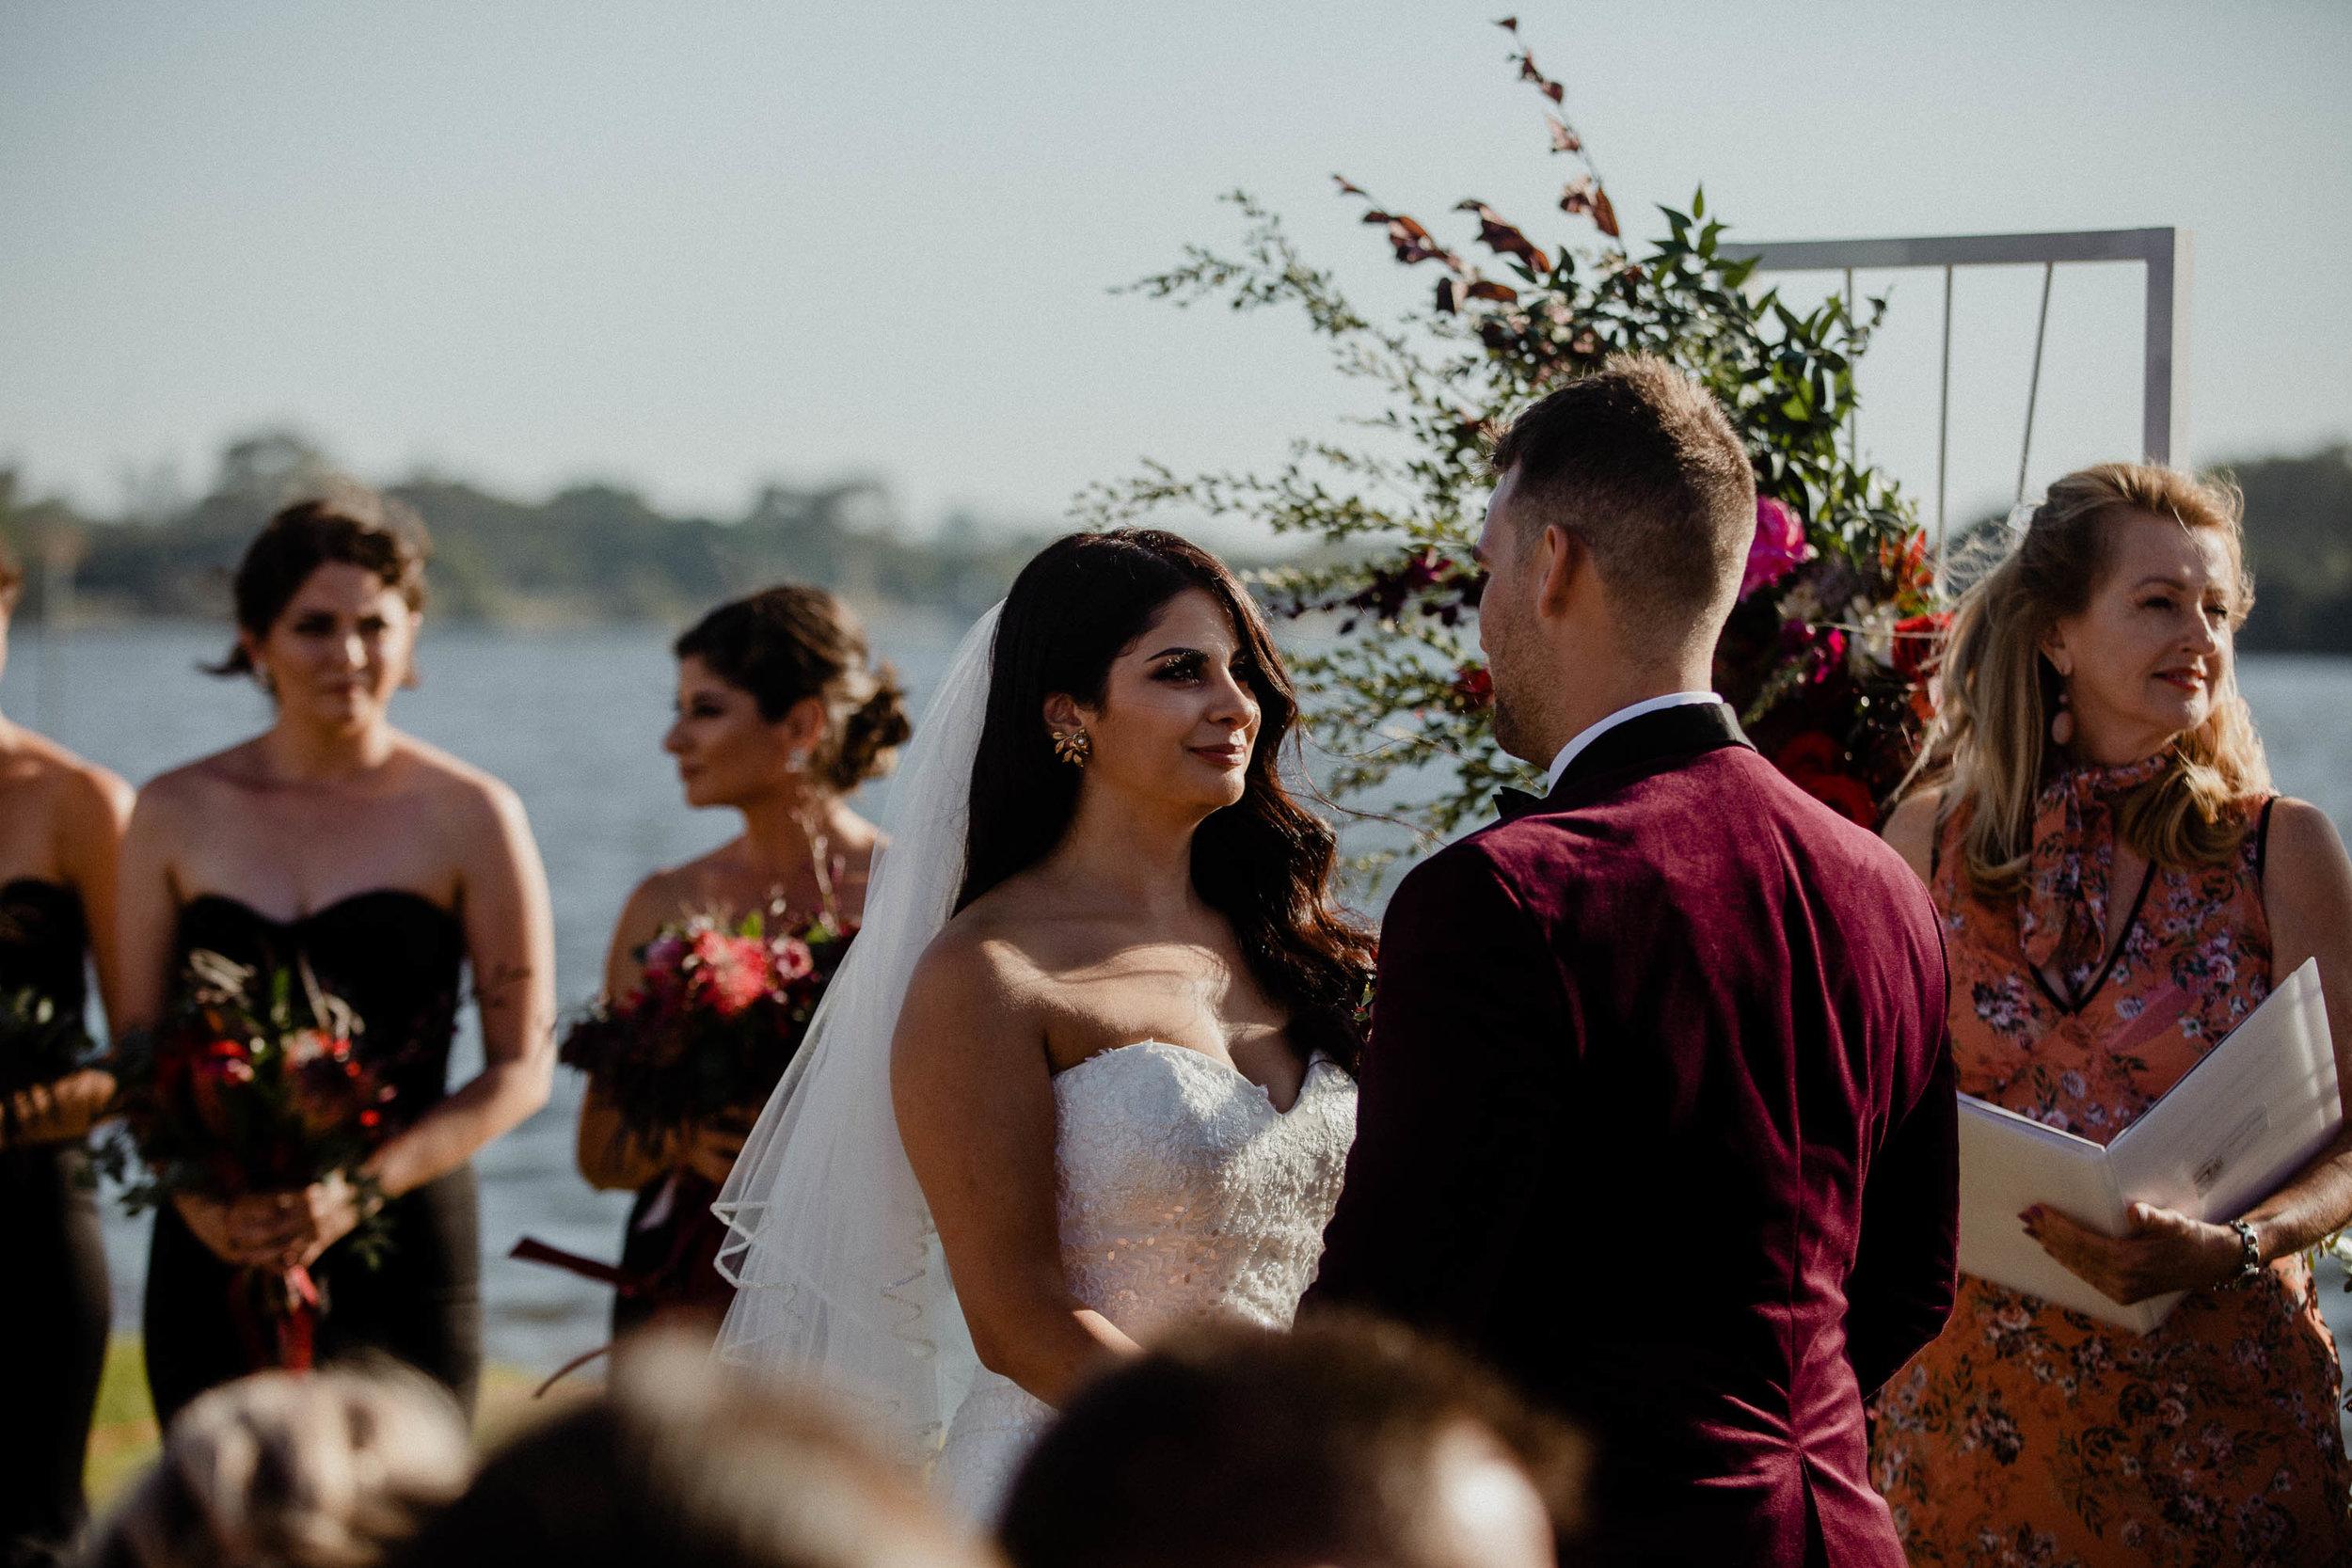 liz-adin-burswood-swan-wedding-sneaks-21.JPG